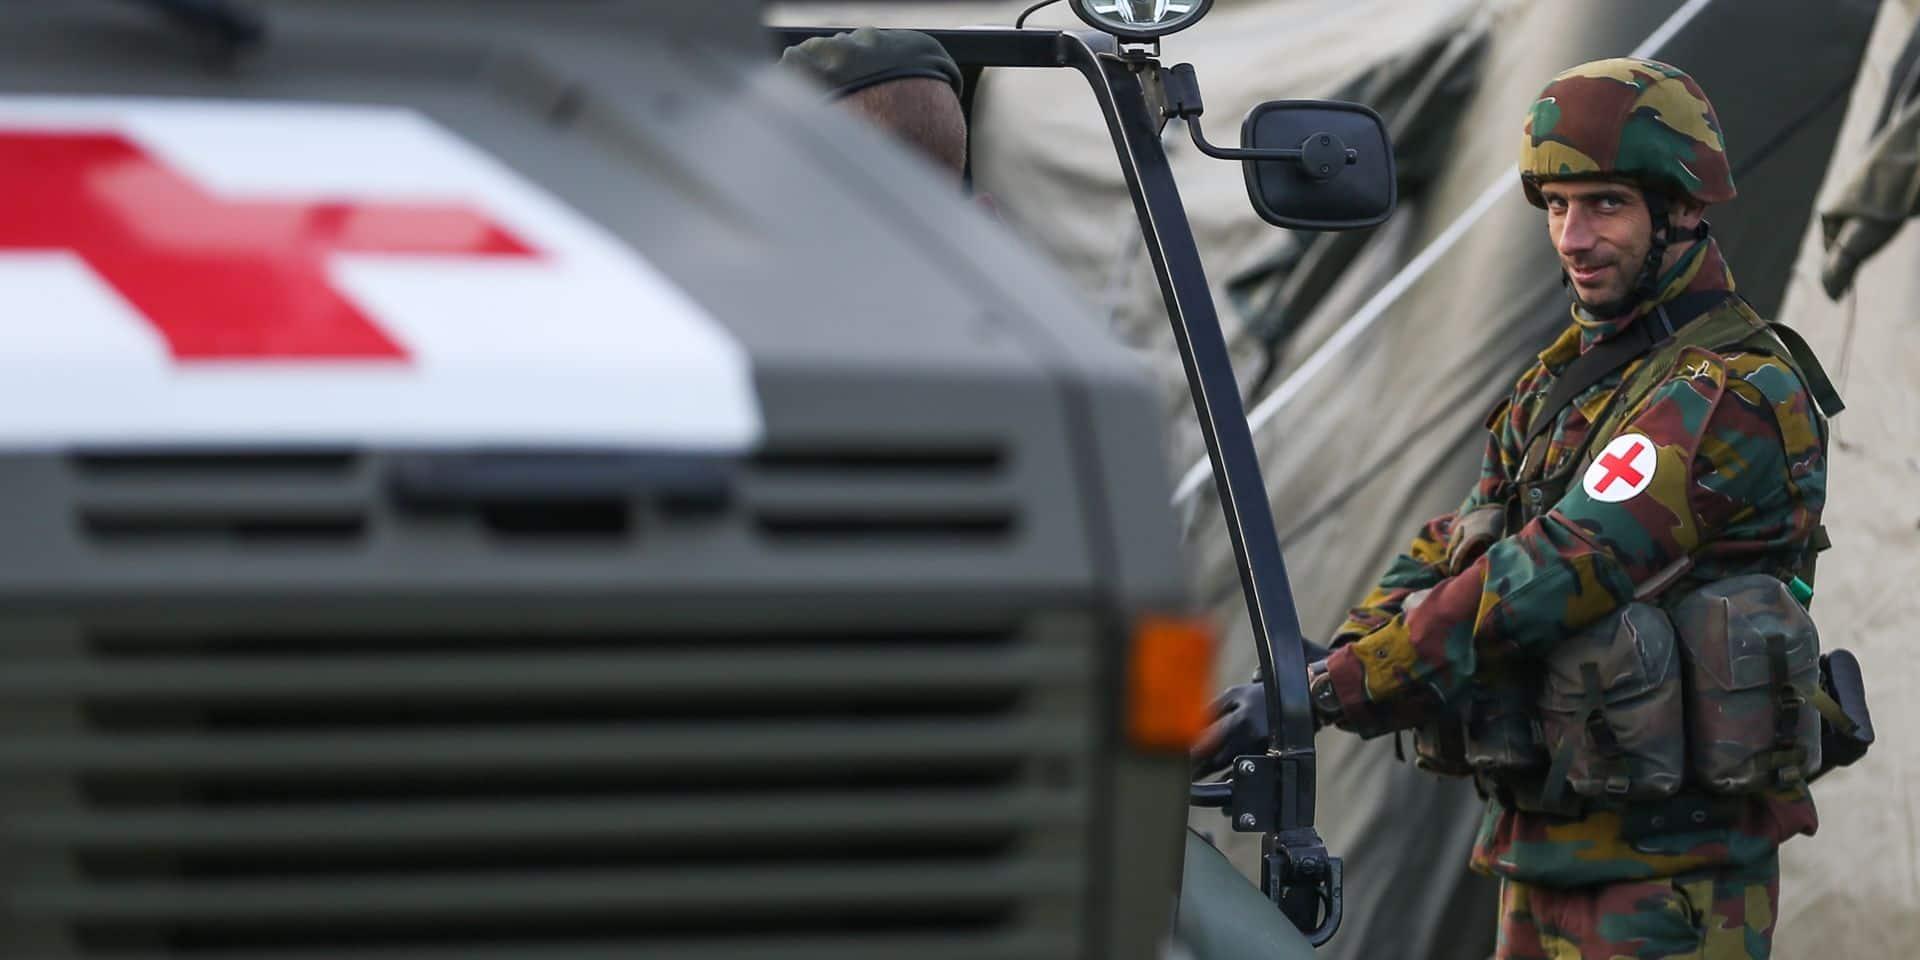 En coulisses, l'armée se prépare à voler au secours des hôpitaux